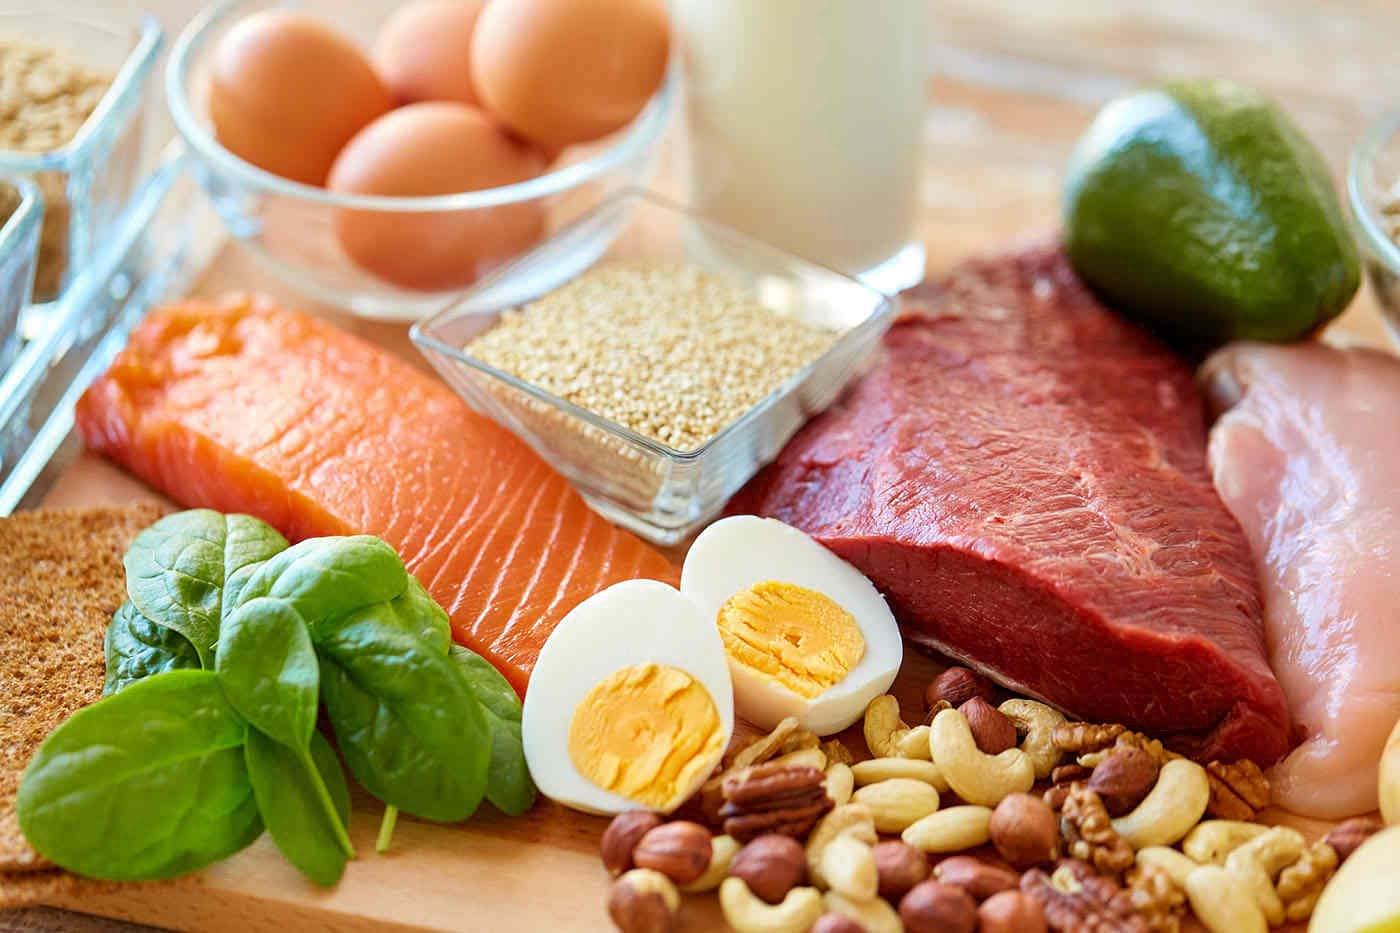 Excesul de proteine nu crește forța musculară [studiu]